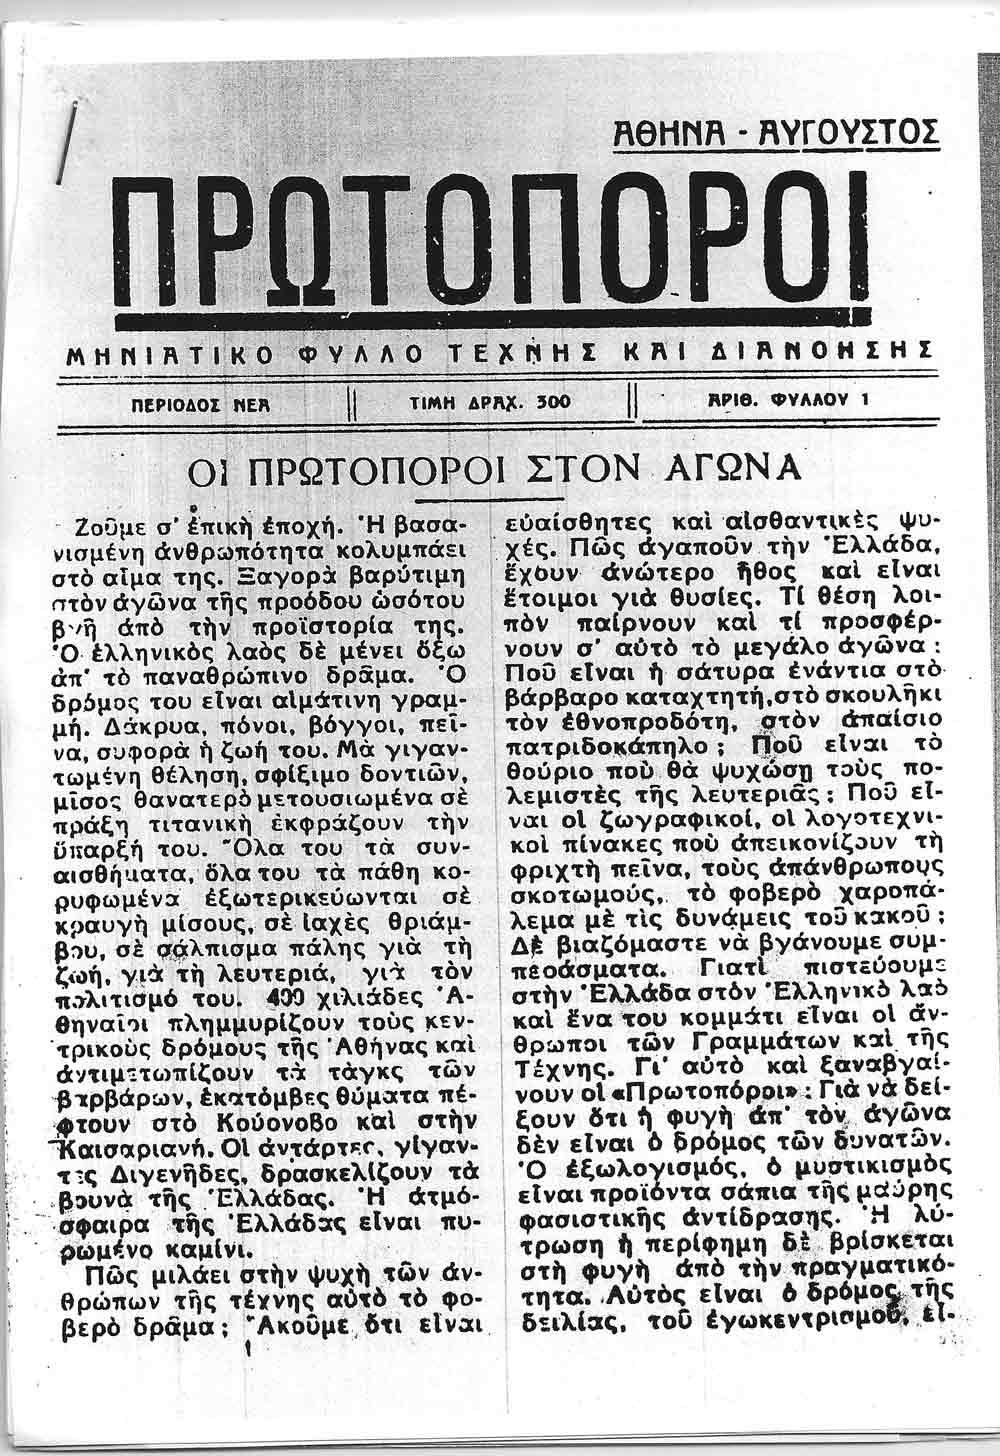 protoporoi